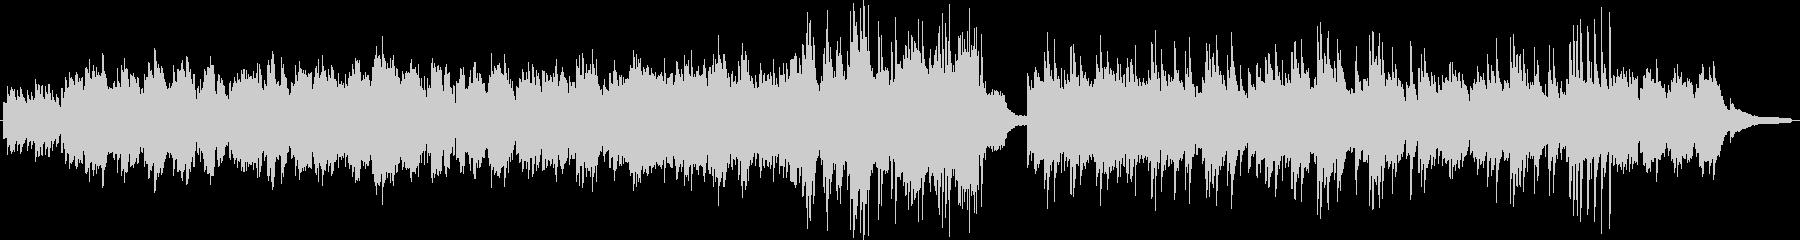 ピアノとチェロのデュオ 癒し ヒーリングの未再生の波形